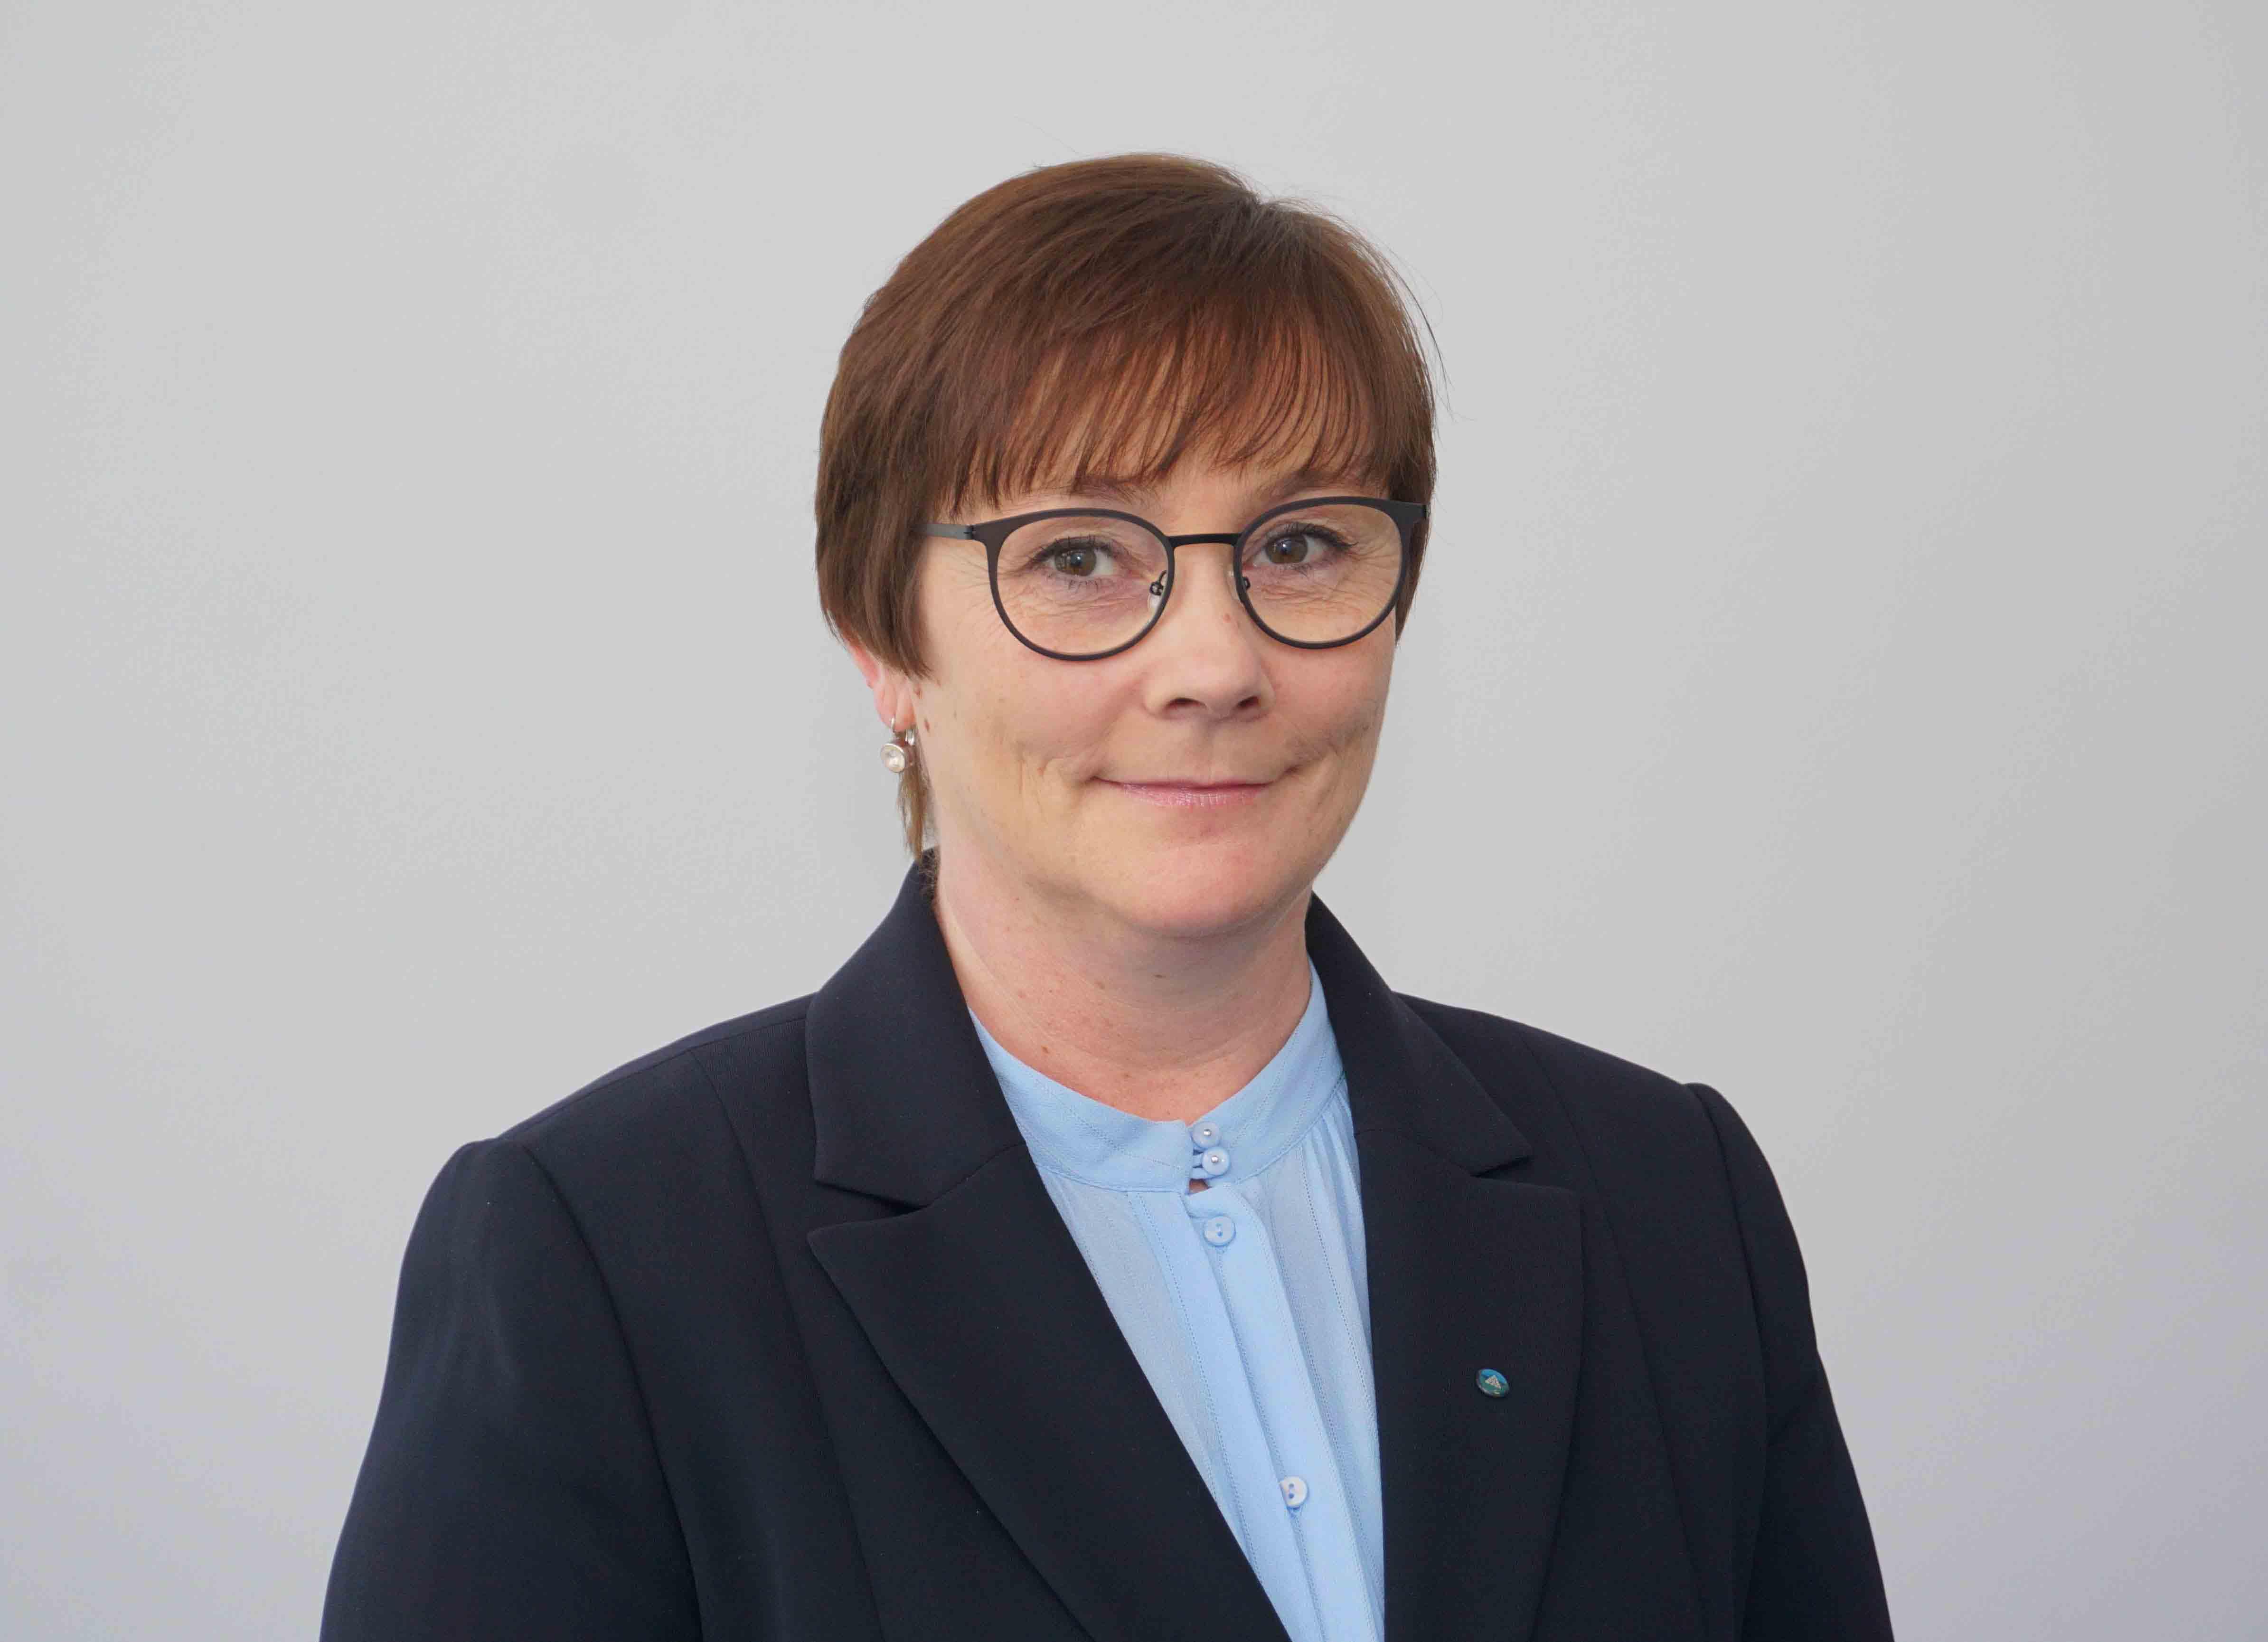 Charlotta Nielsen : Søla - Evropa